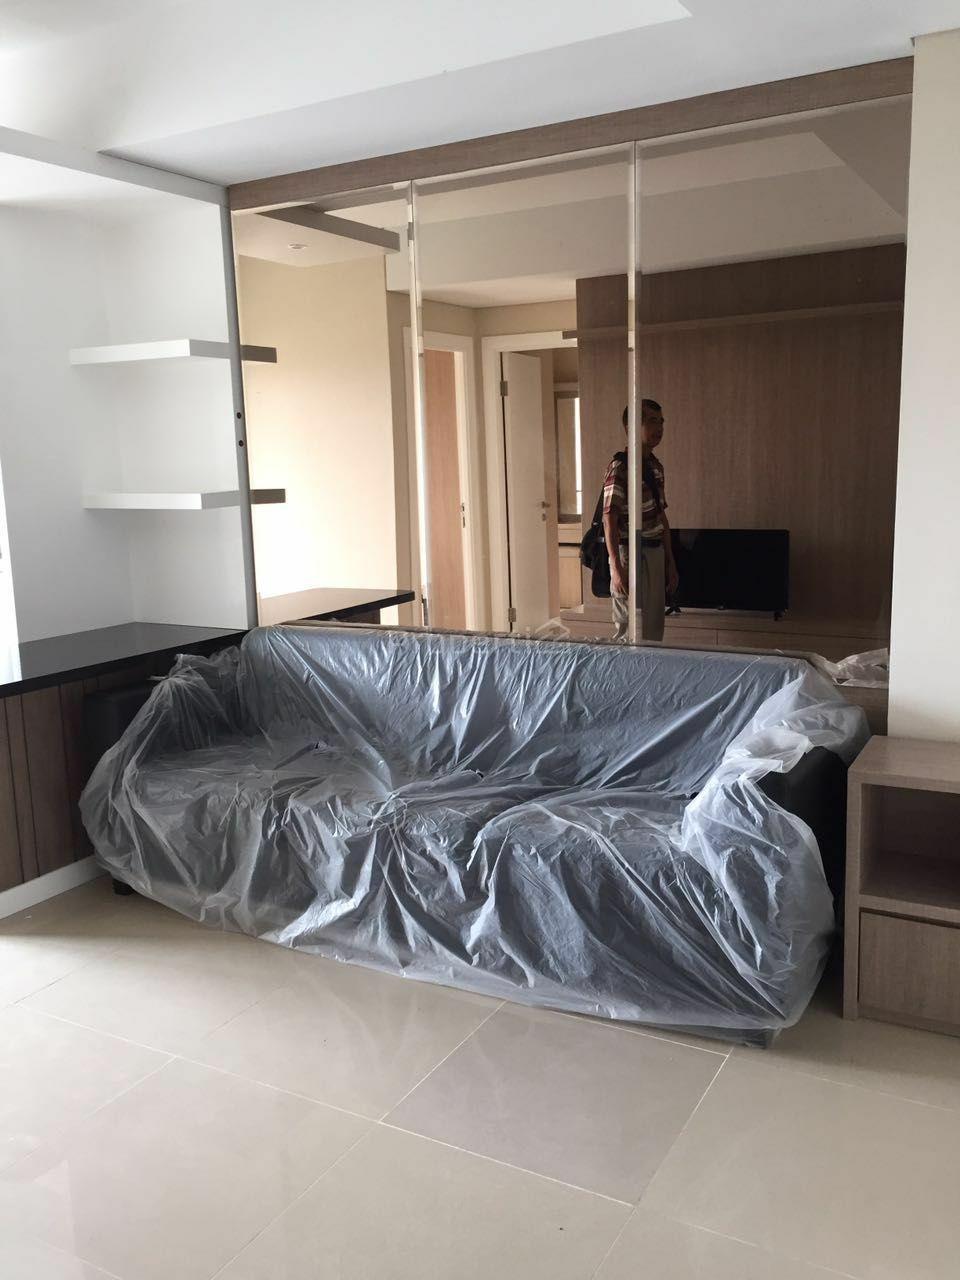 2BR Apartment Unit at Metro Park Residence, DKI Jakarta